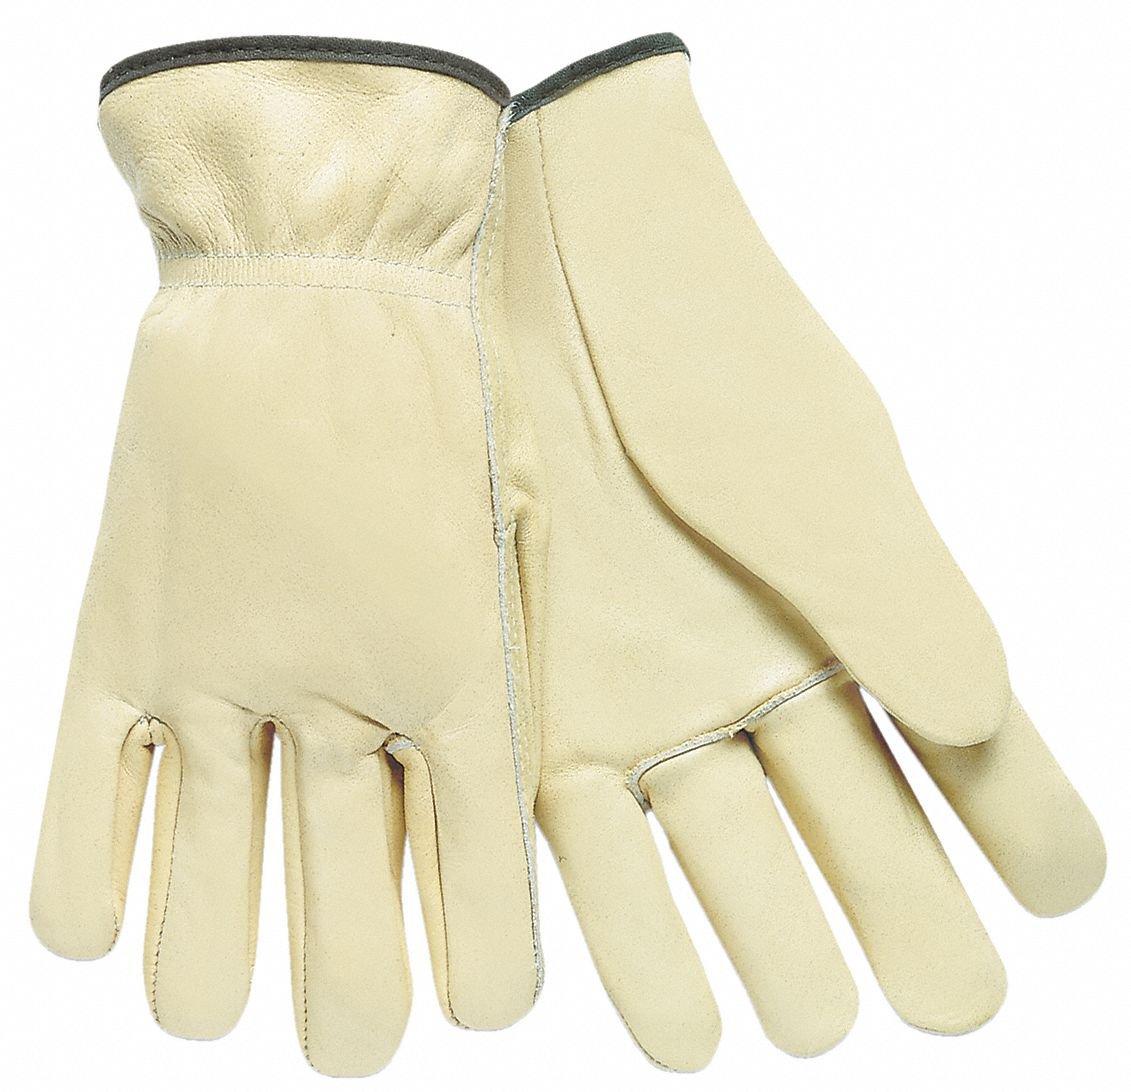 Cowhide Leather Work Gloves, Slip-On Cuff, Cream, Glove Size: L